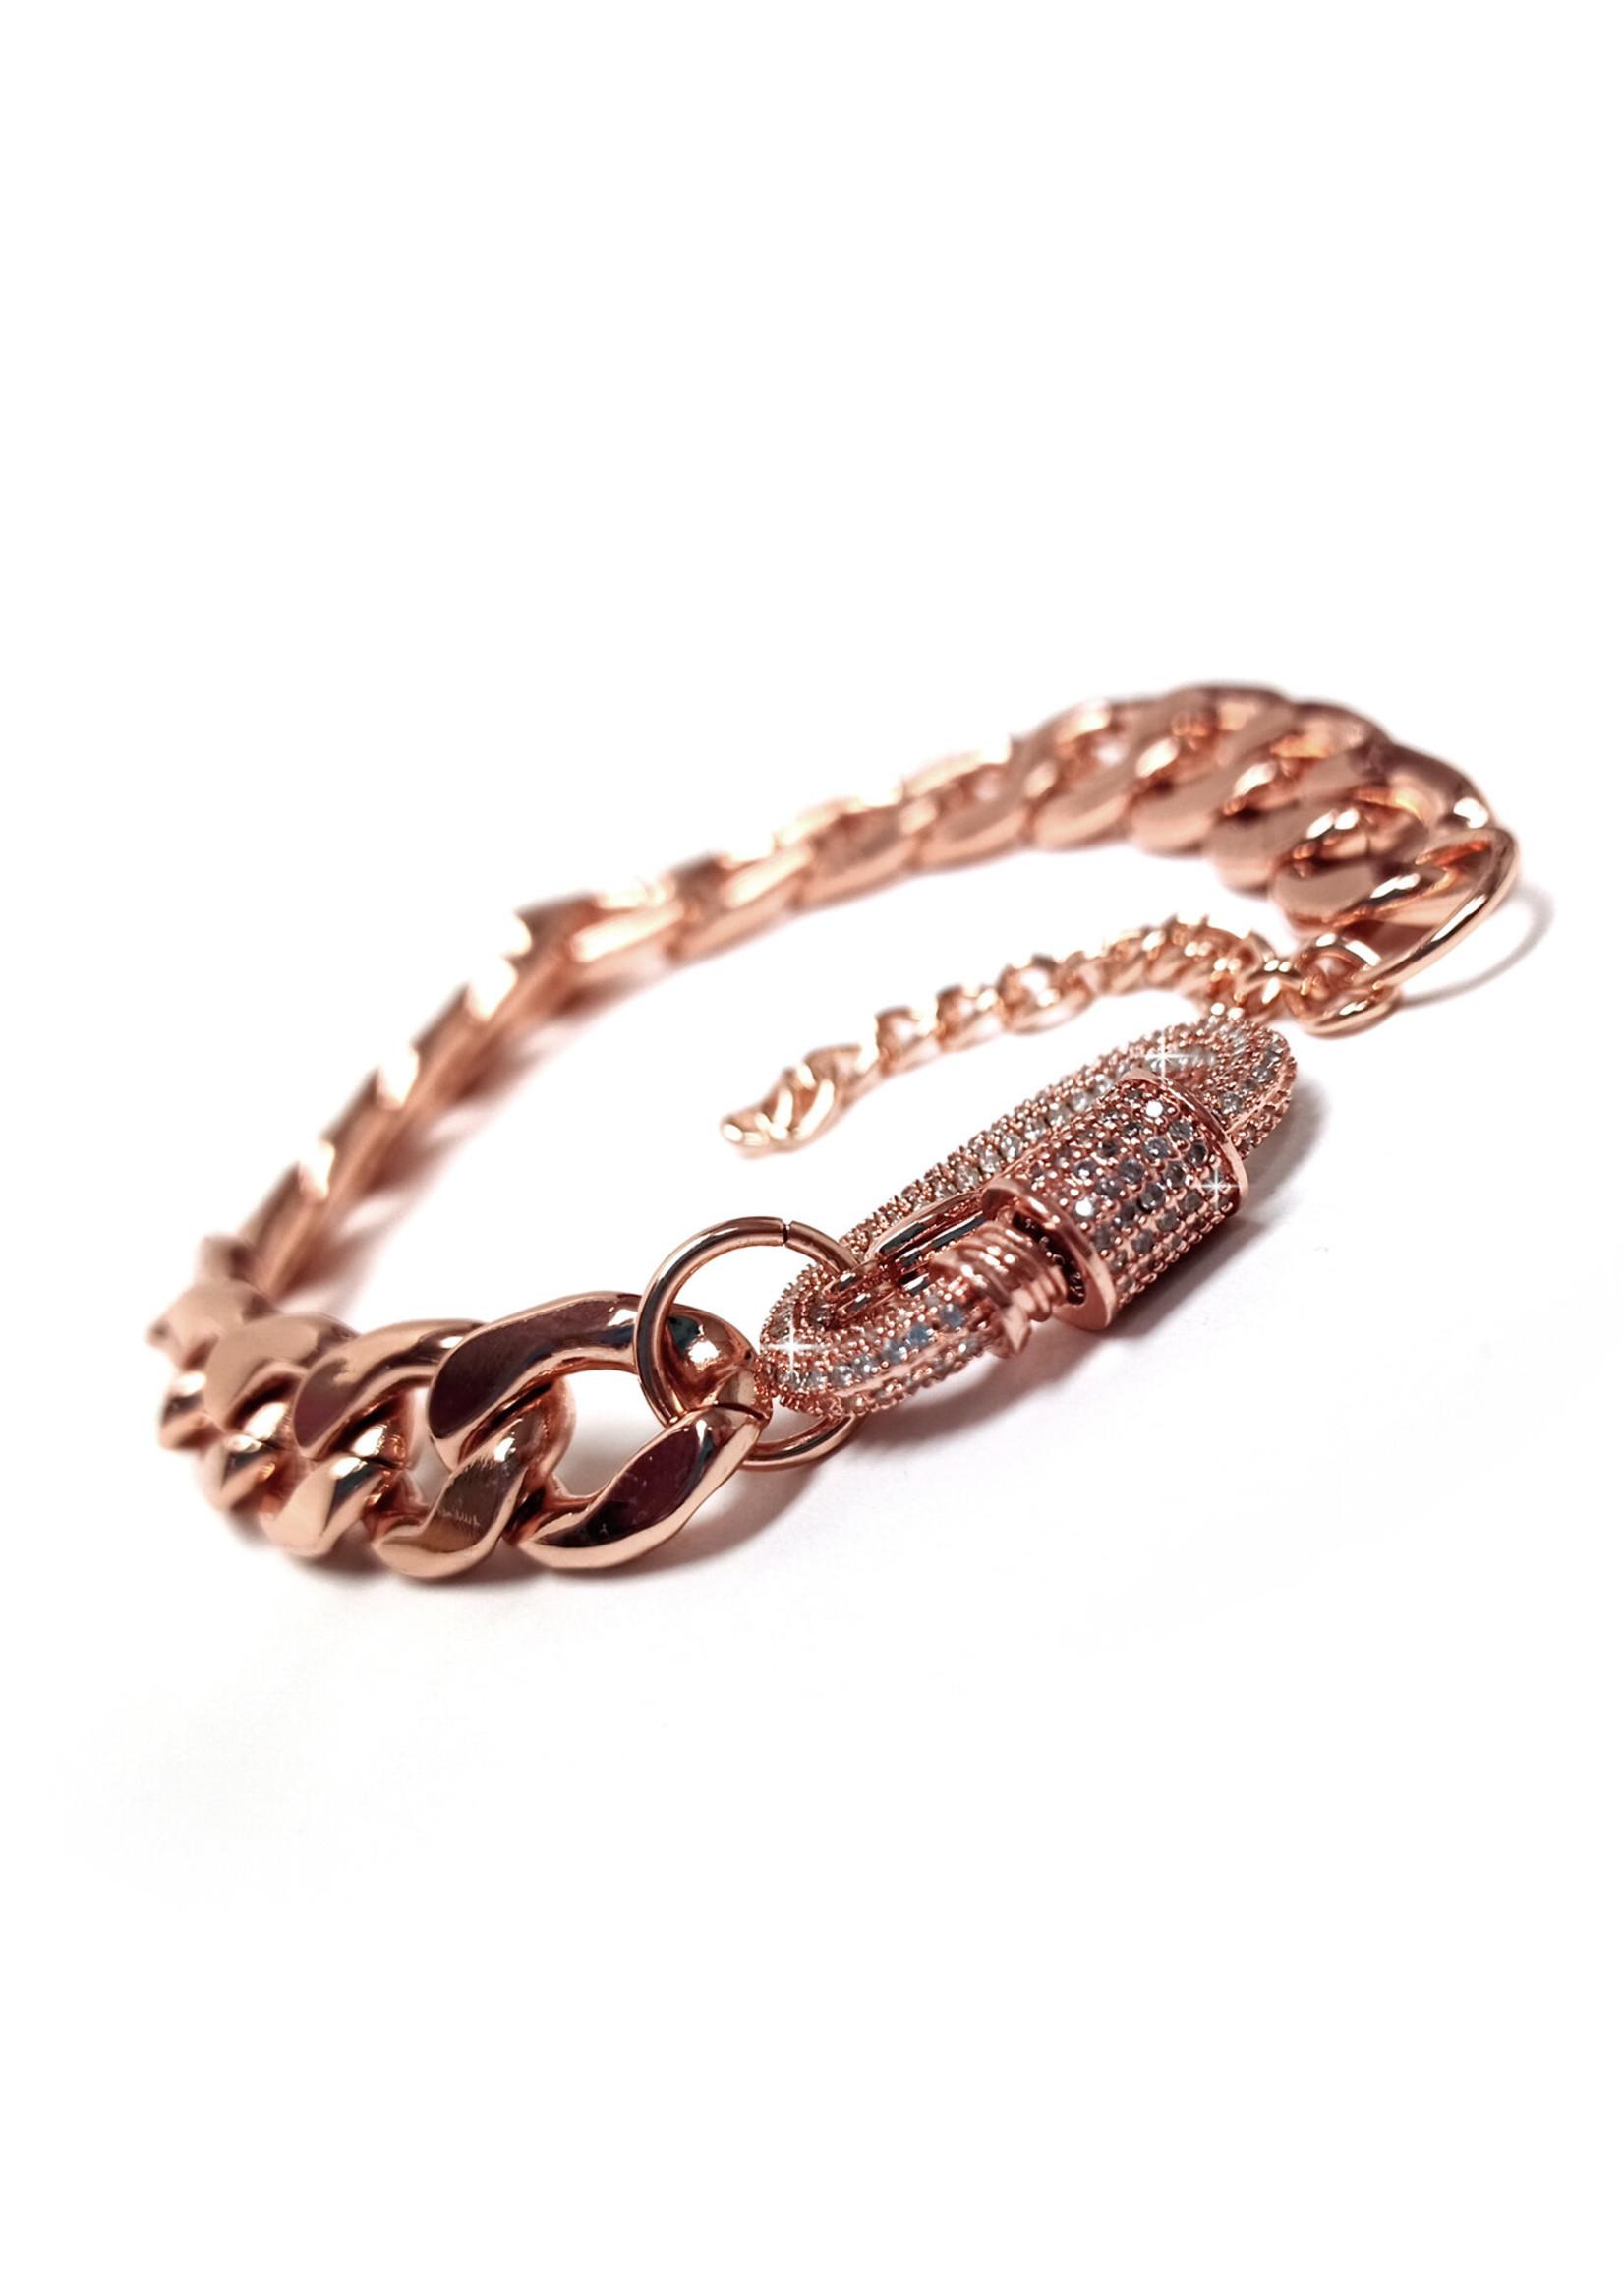 Jacqueline Kent Cuban Link Bracelet | JK